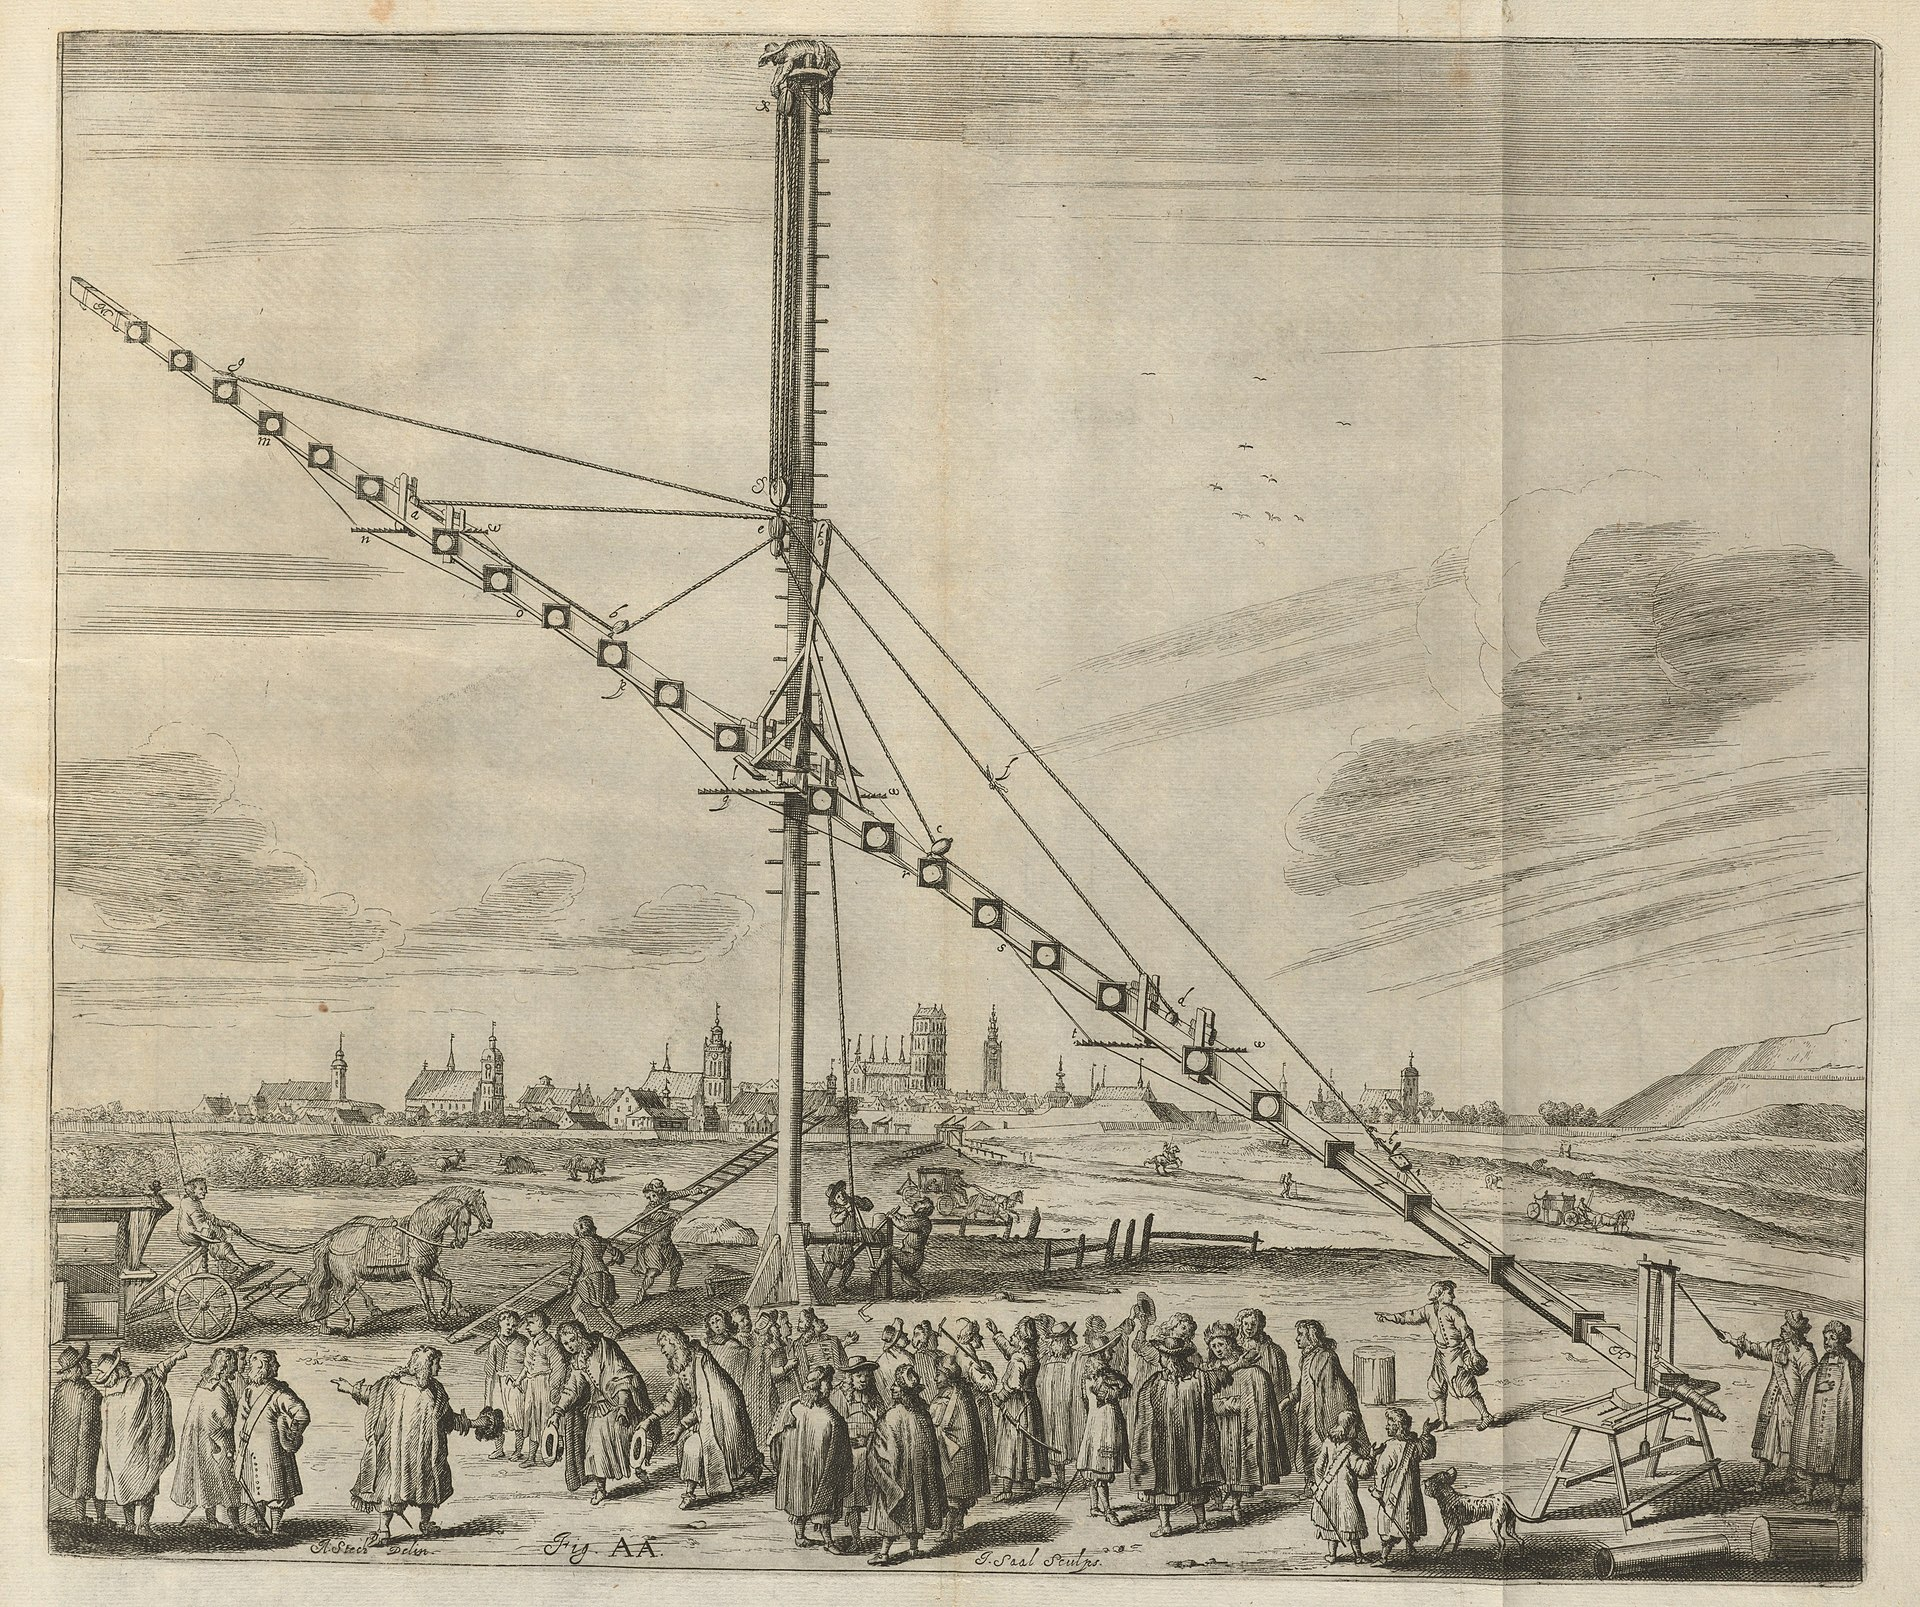 1920px-Houghton_Typ_620.73.451_-_Johannes_Hevelius,_Machinae_coelestis,_1673